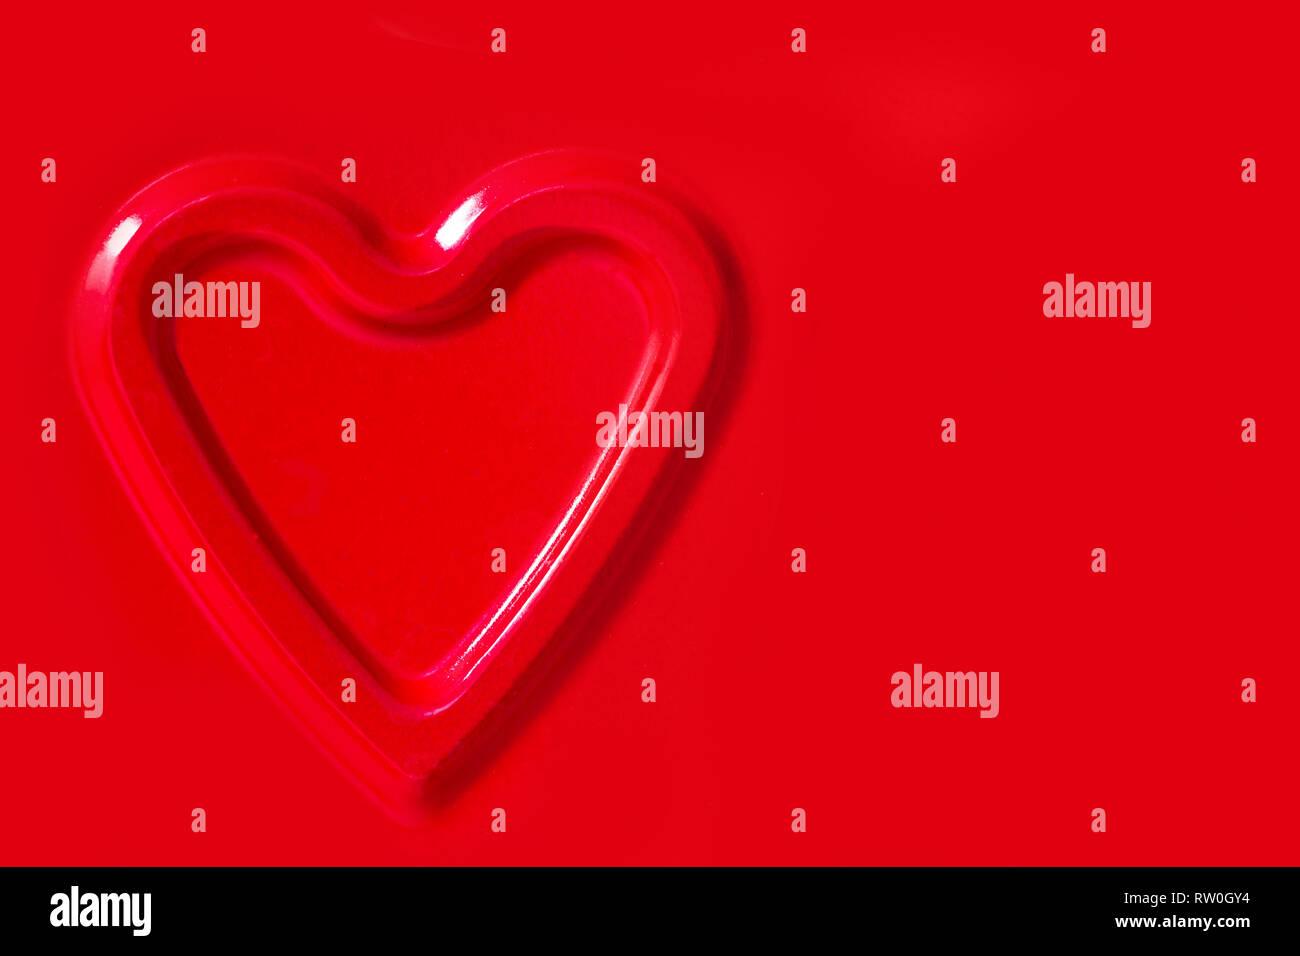 Die konvexe Kontur der Herzen auf rotem Bügeleisen Hintergrund. Stockbild